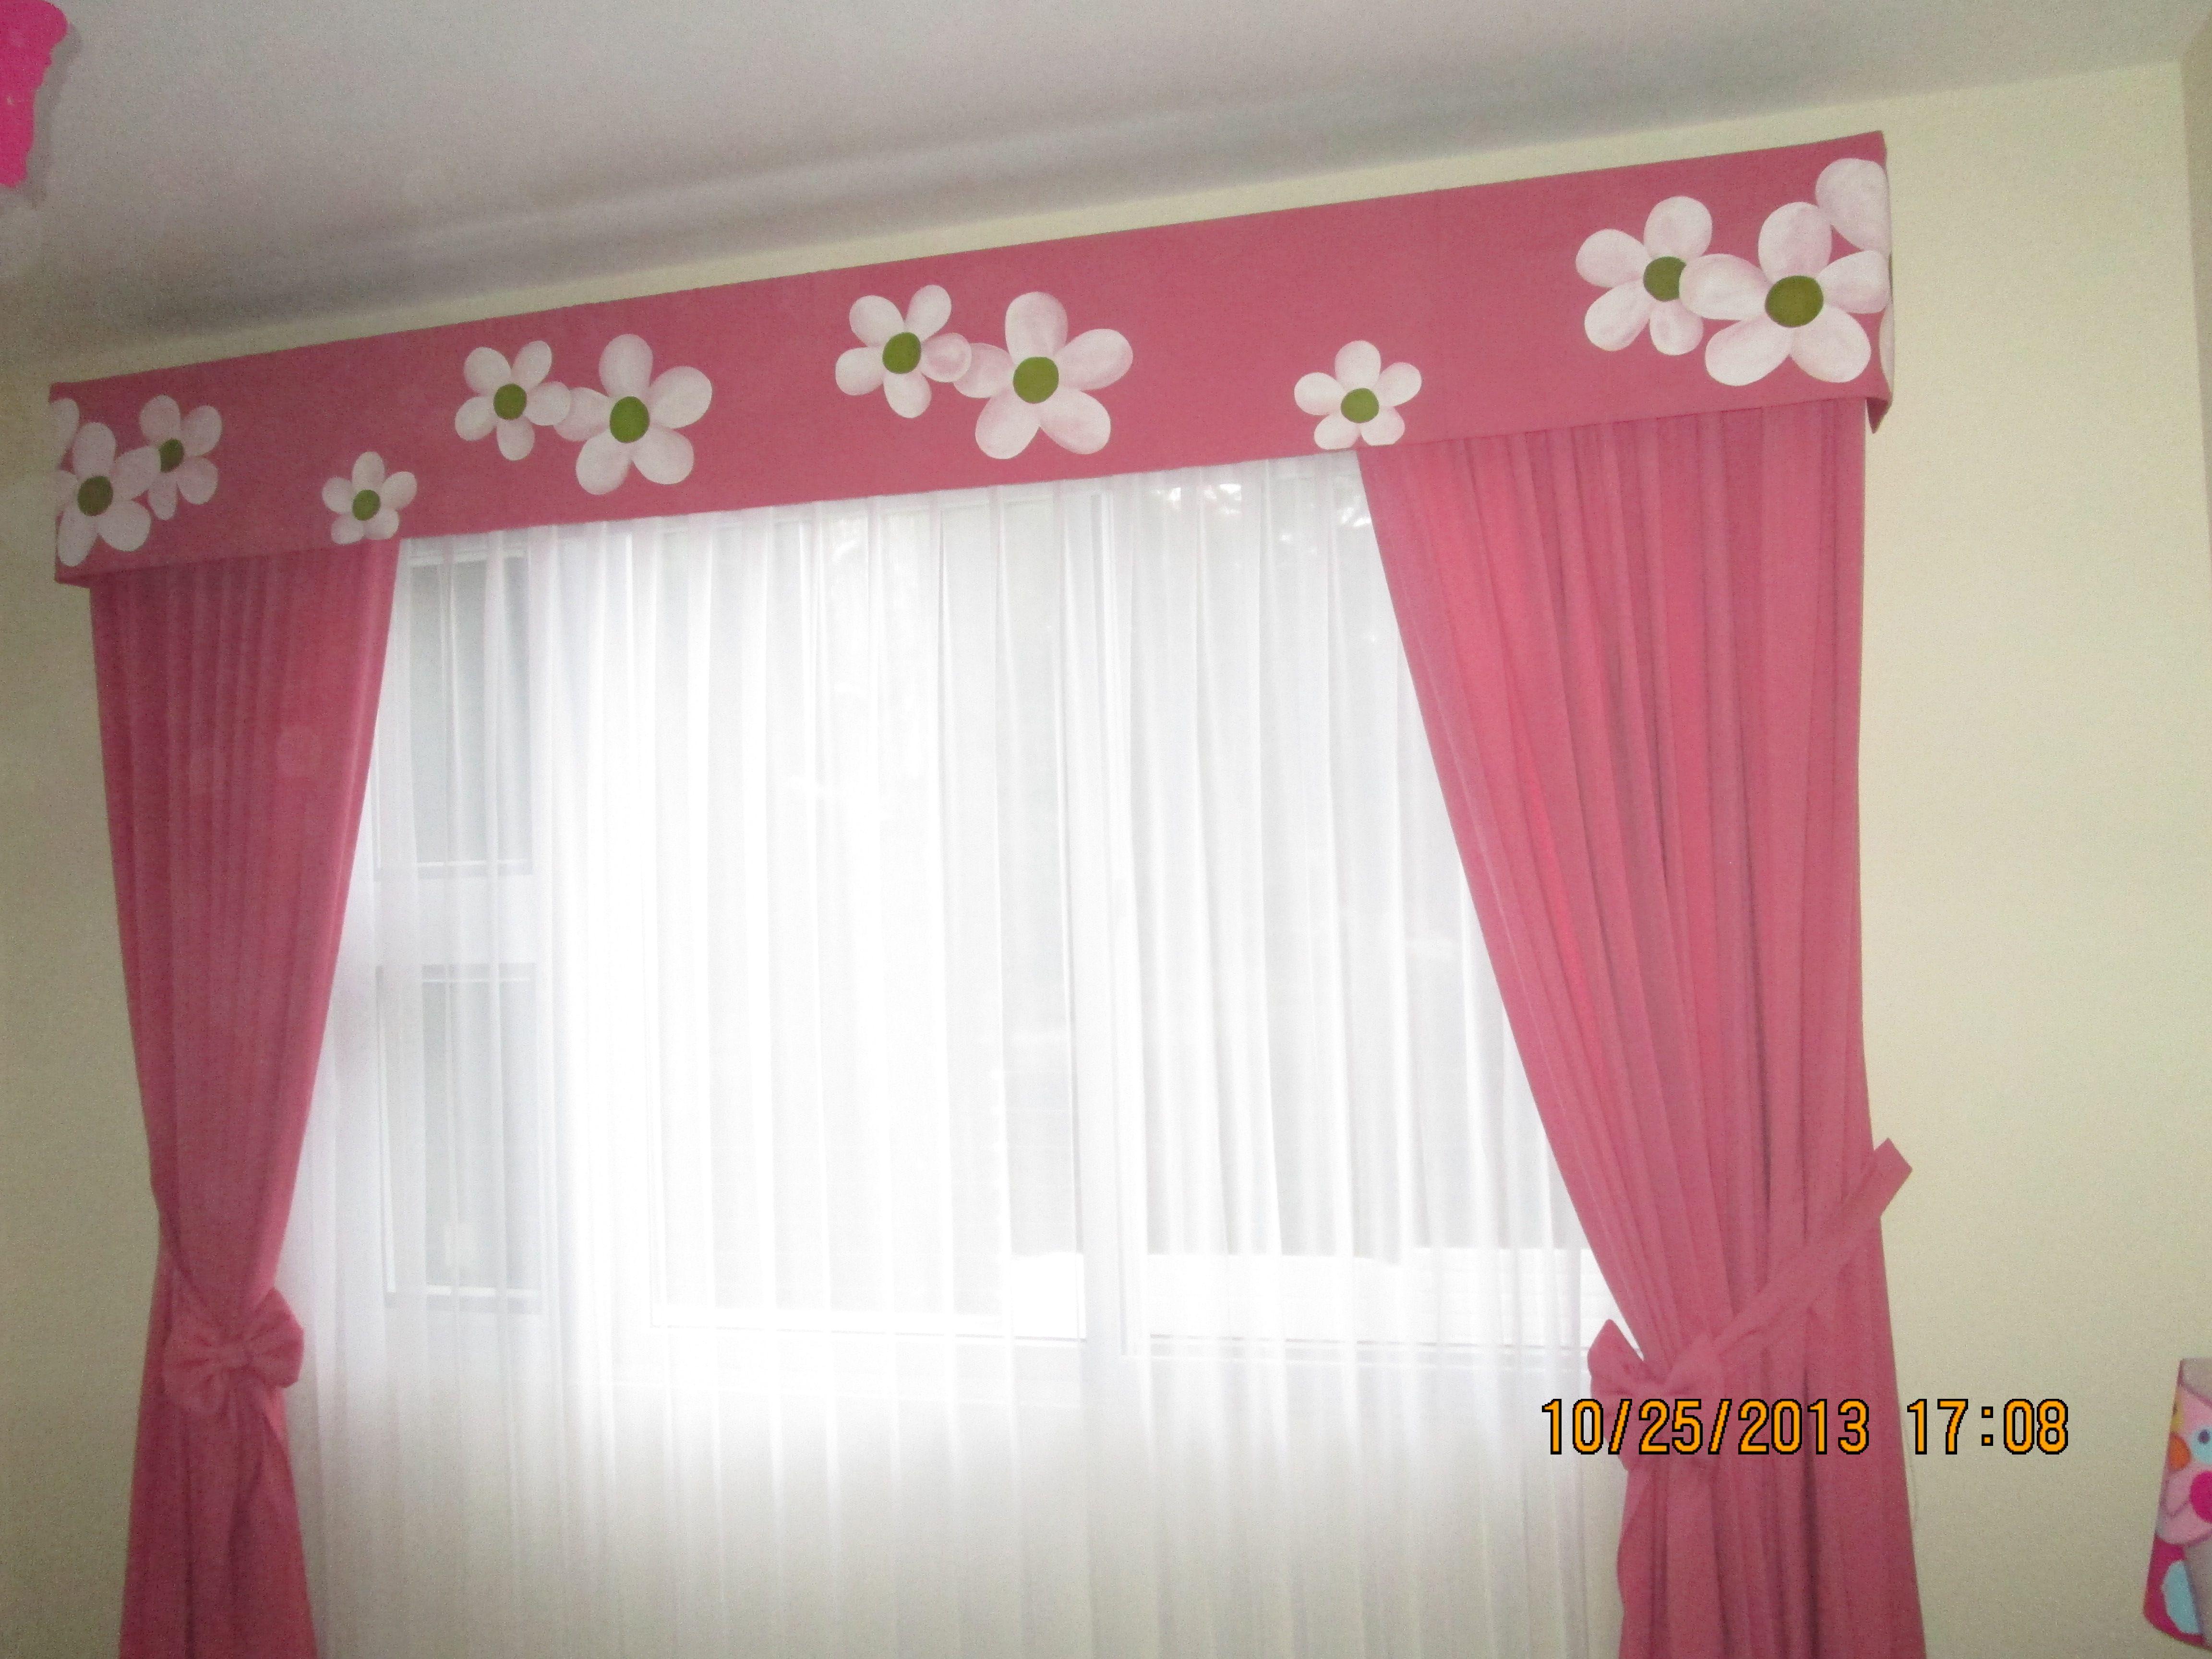 Cenefa de cortina con dise os de flores imagui for Cortinas estampadas modernas